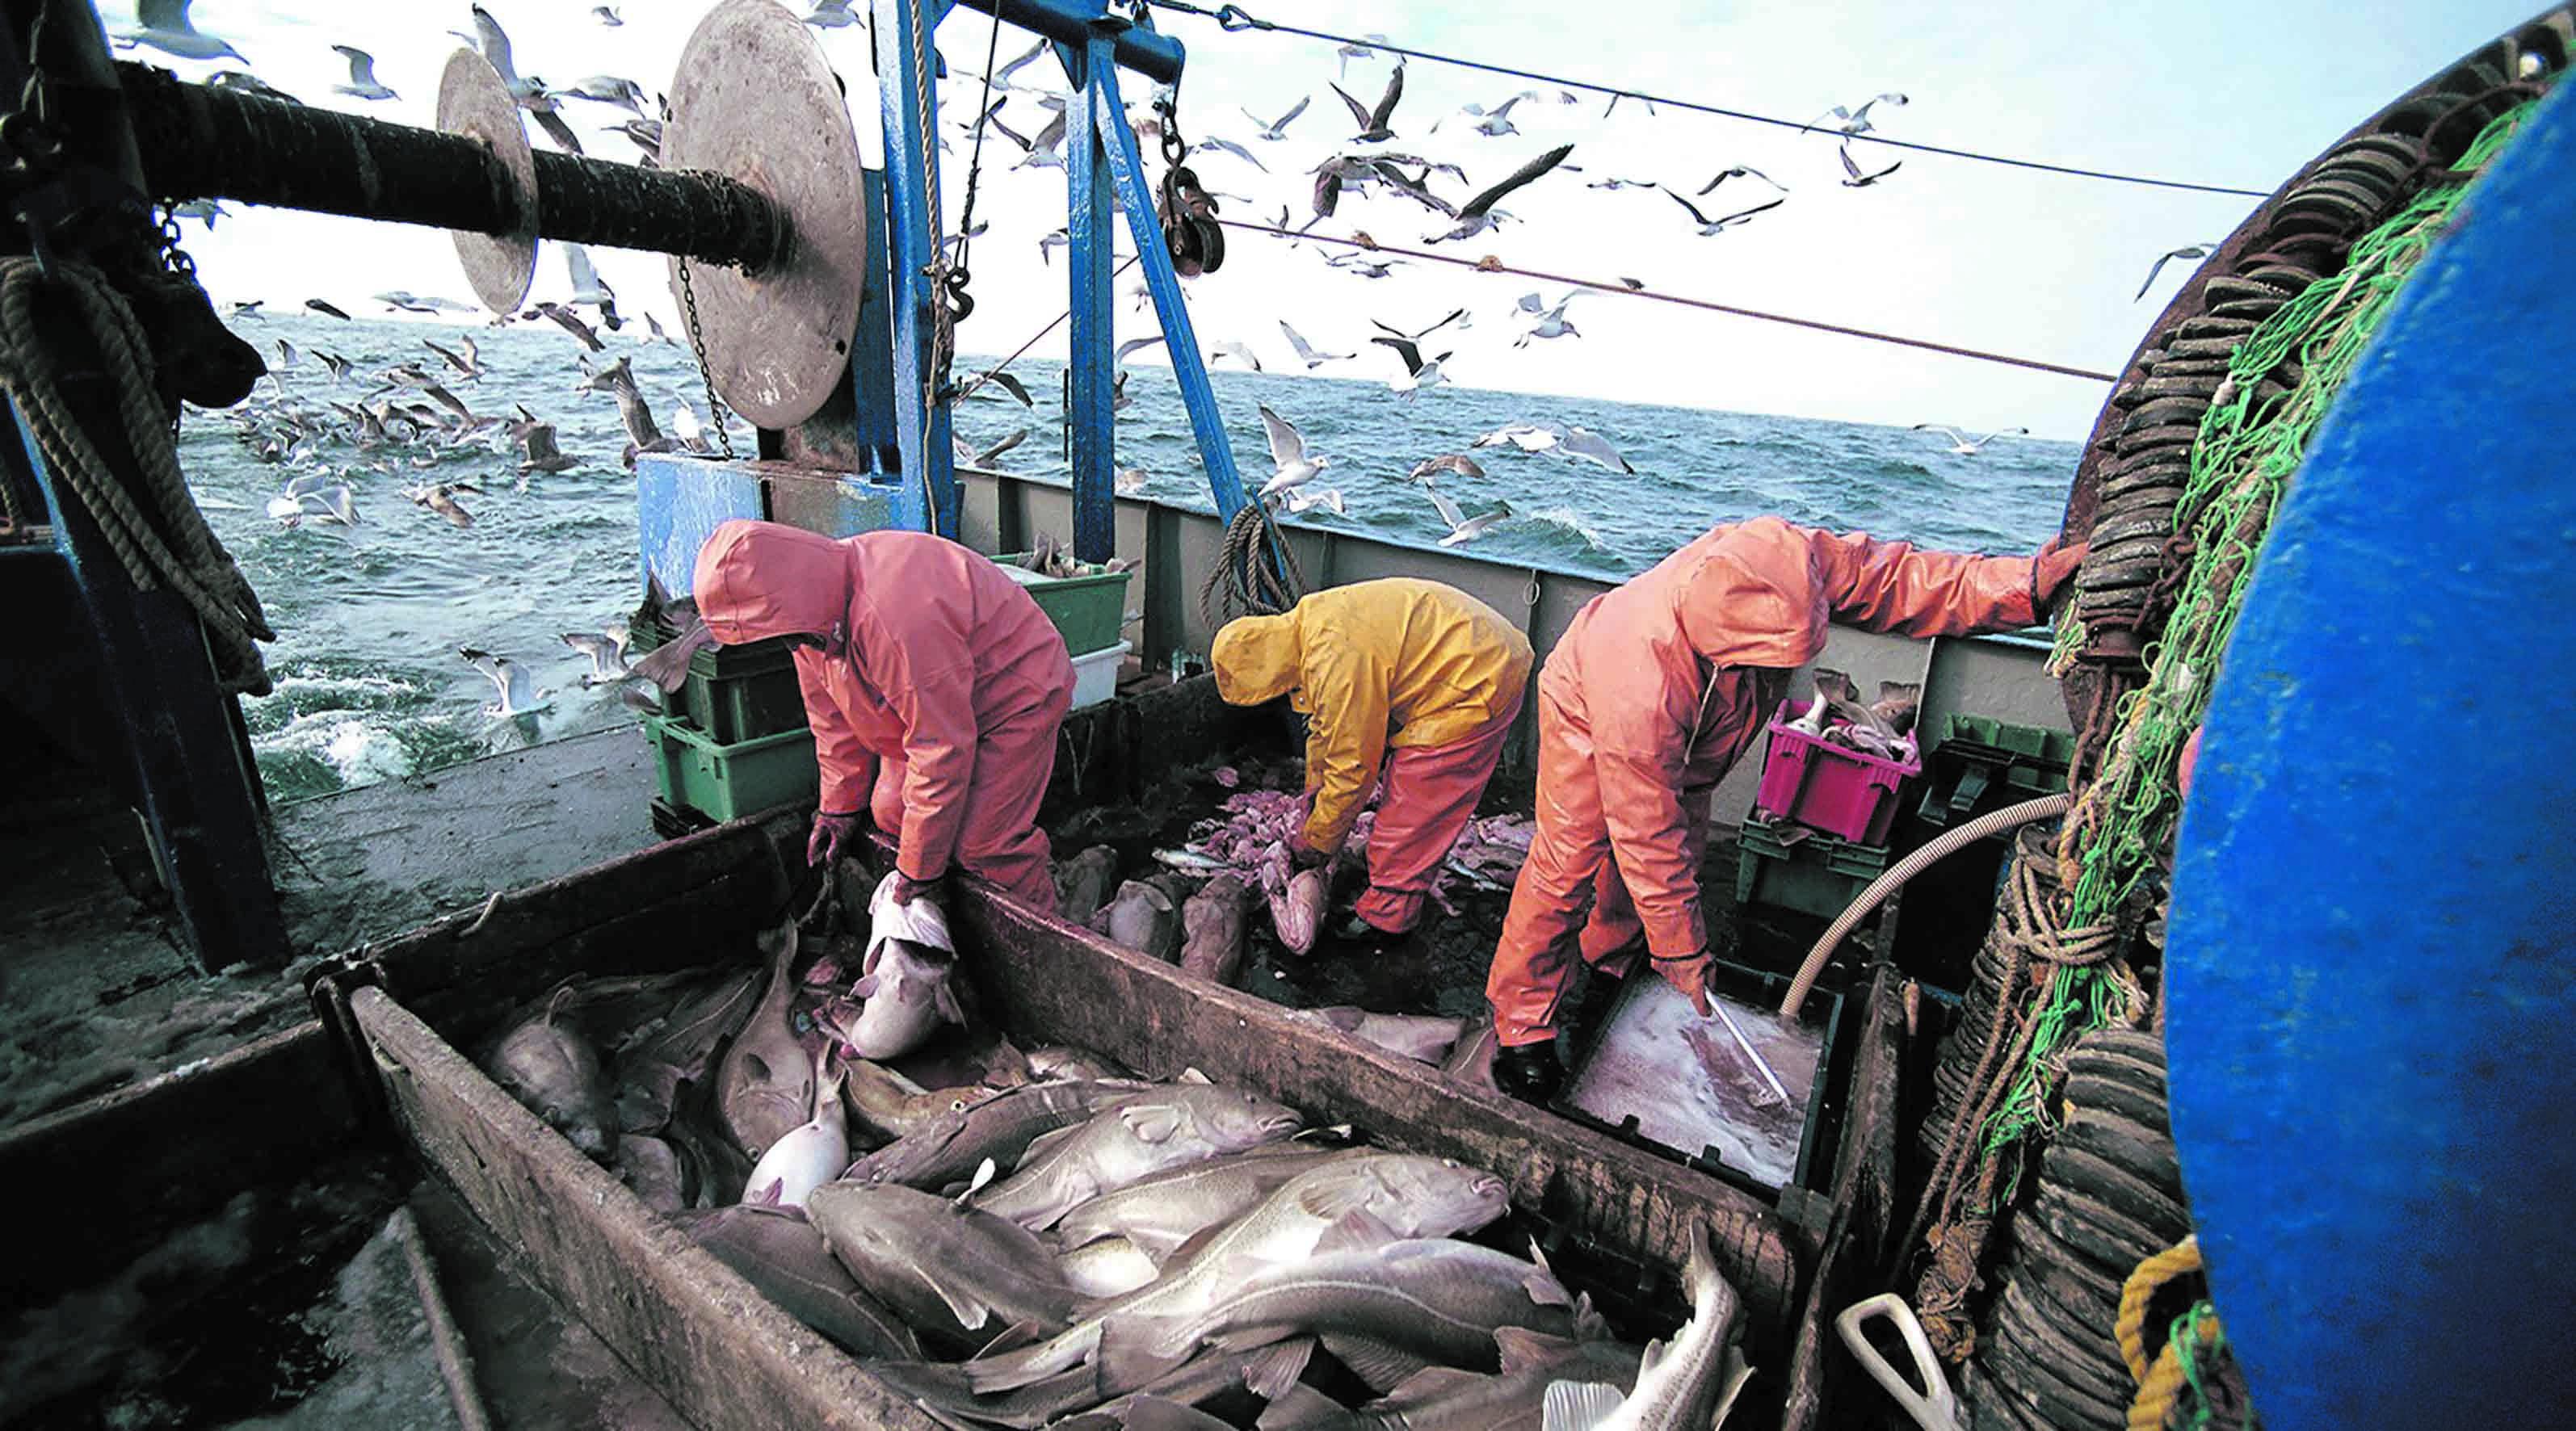 Finalisation imminente de l'accord de pêche Maroc-UE